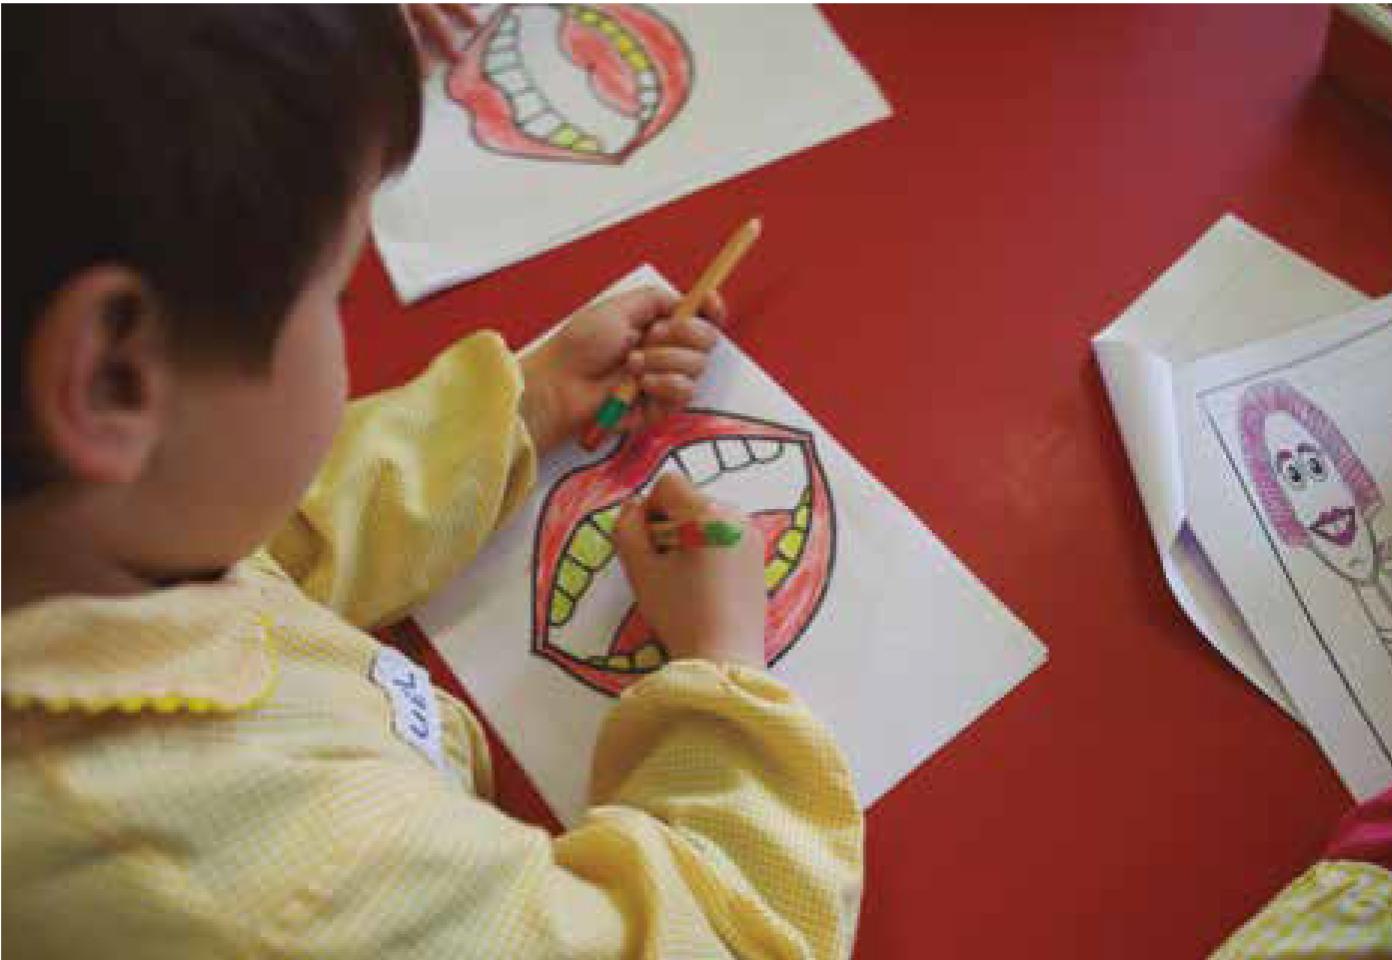 Una investigación enfermera demuestra que la intervención escolar mejora los hábitos de vida de los alumnos